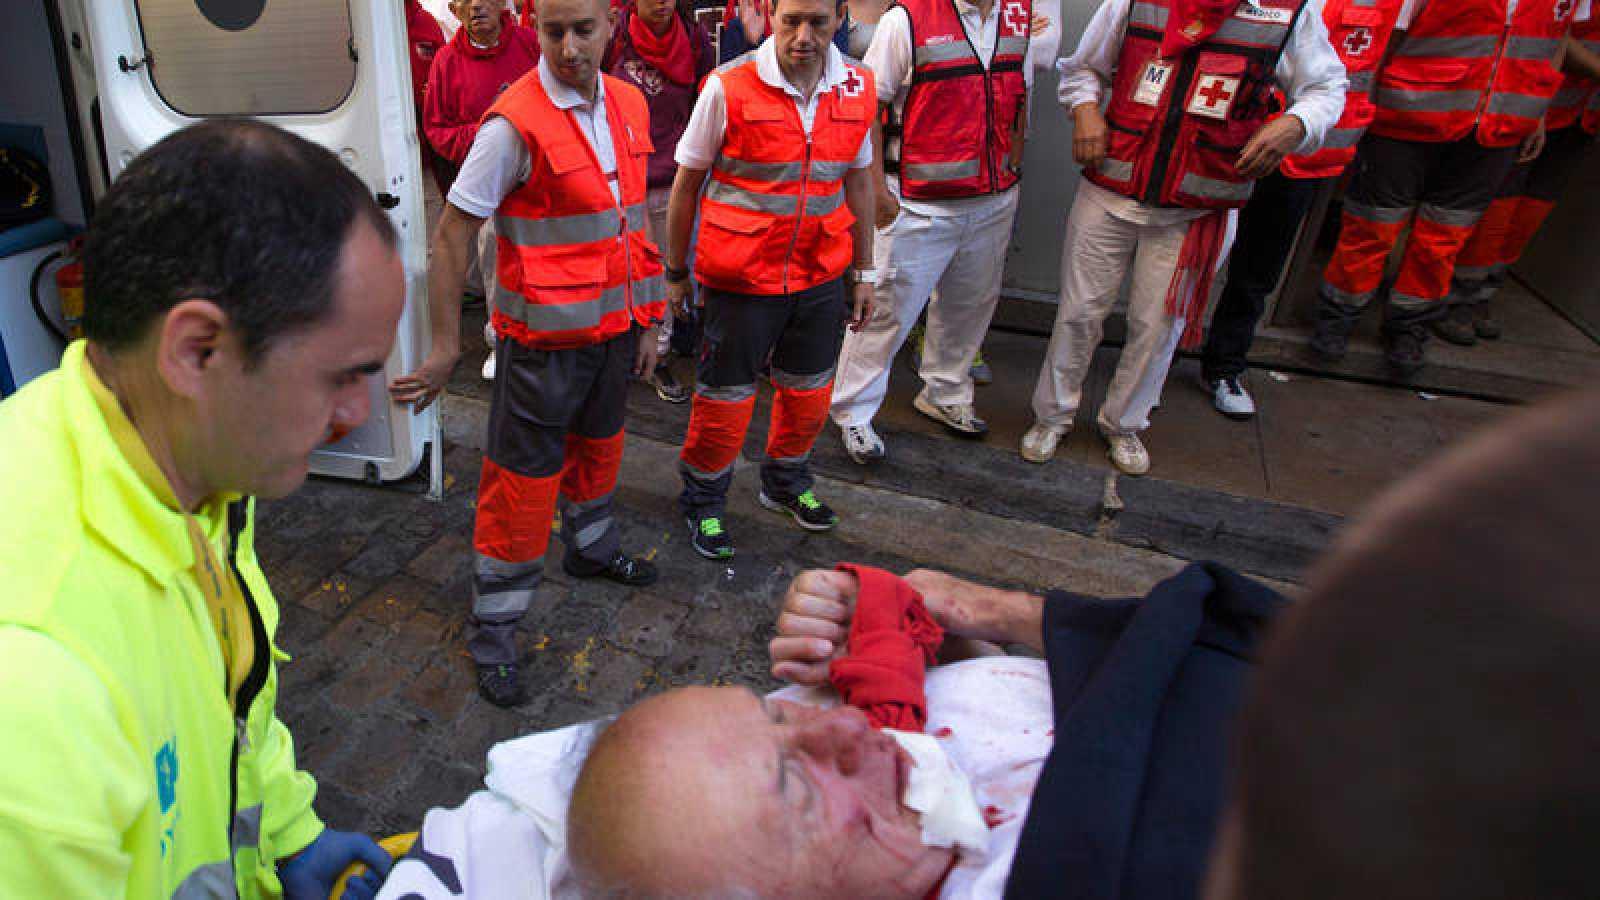 Traslado de un corredor herido en los encierros de San Fermín 2016